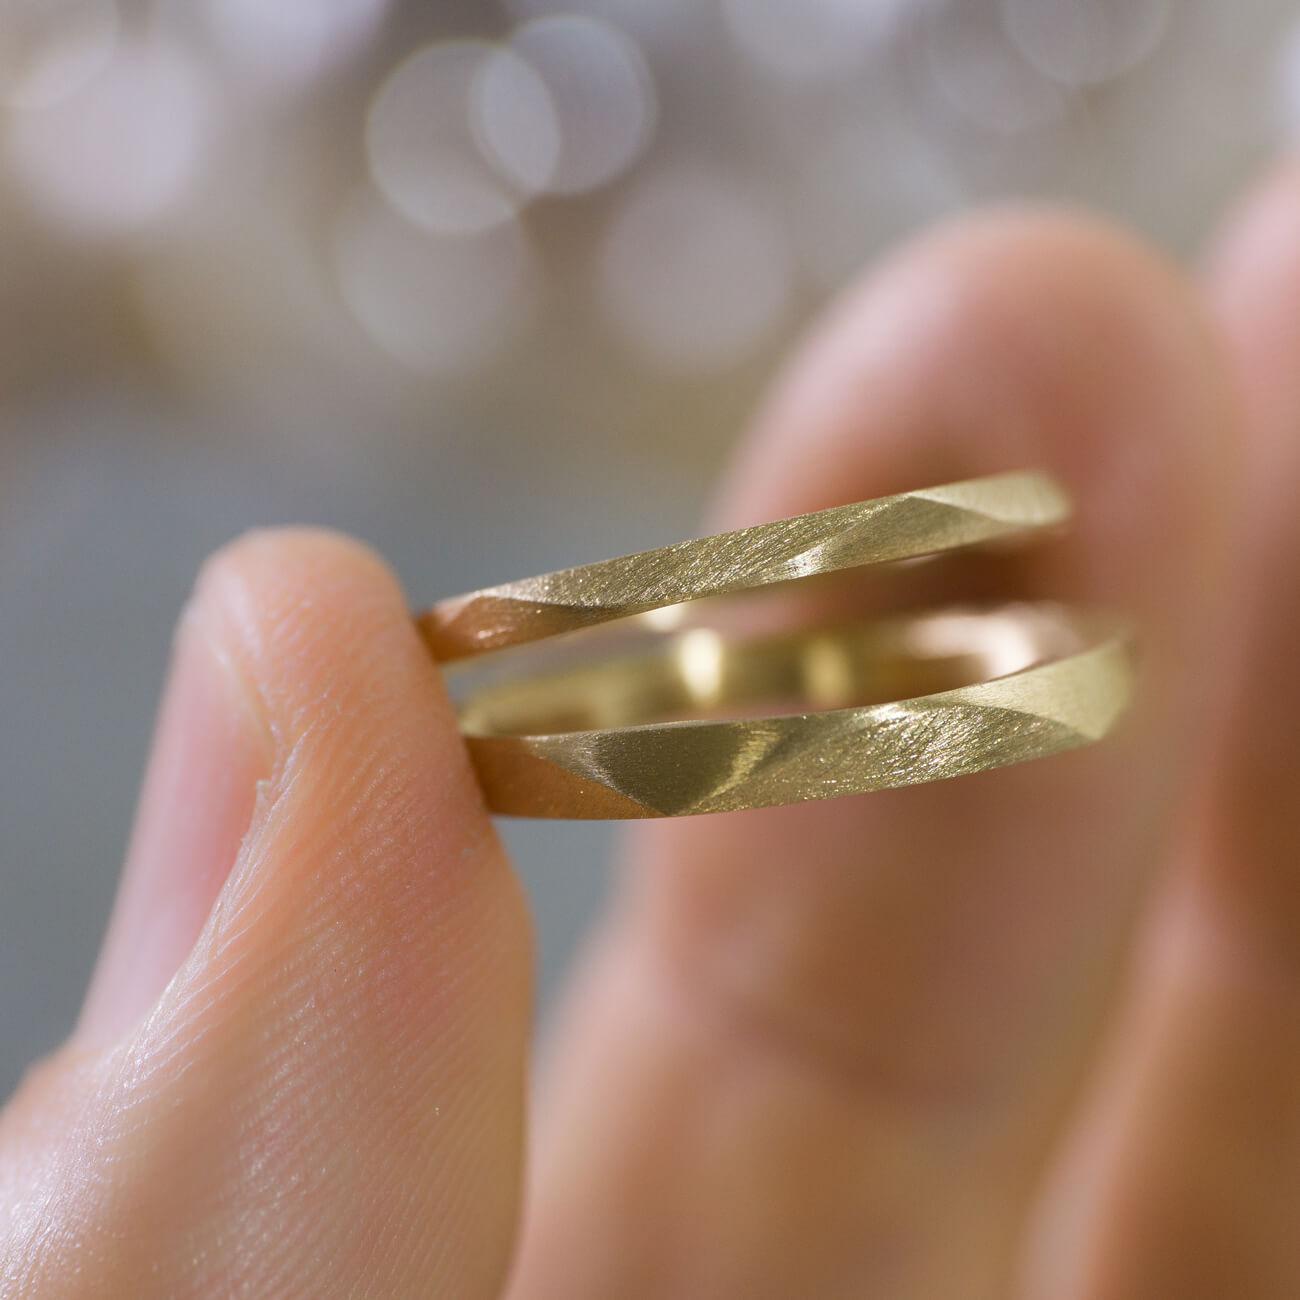 場面1 オーダーメイドマリッジリング ジュエリーのアトリエに指輪 ゴールド 屋久島で作る結婚指輪